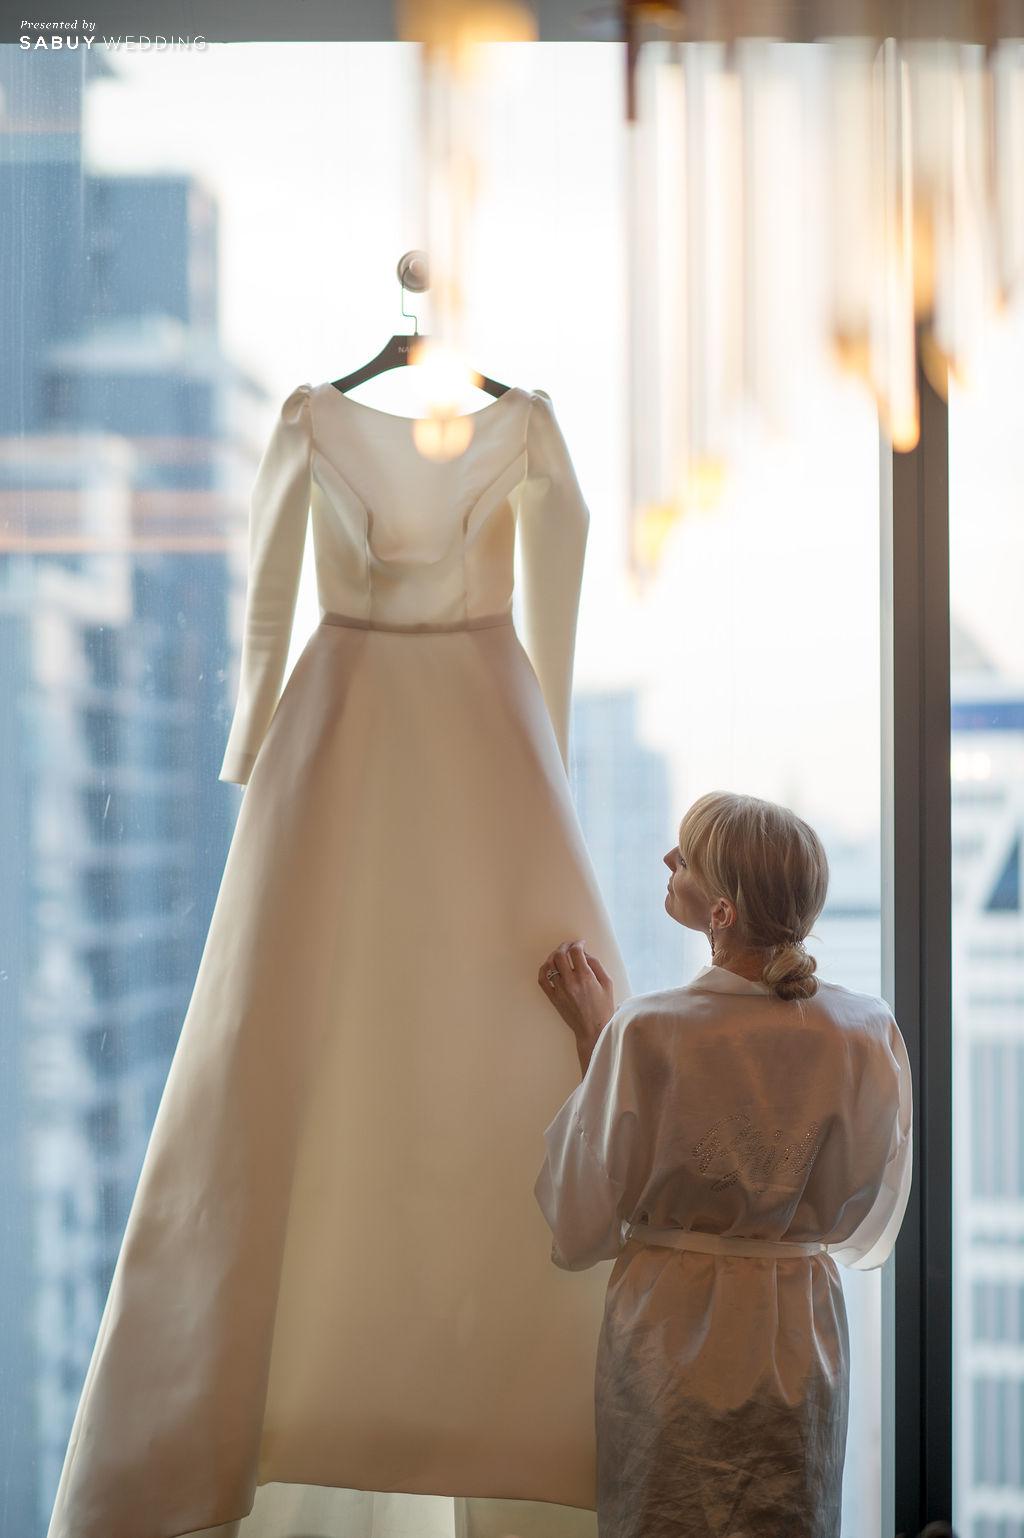 """ชุดแต่งงาน,ร้านชุดแต่งงาน รีวิวงานแต่ง """"บอย พิษณุ"""" สุดหวาน จำลองงานที่สวีเดนจัดเต็ม @ Hyatt Regency Bangkok Sukhumvit"""